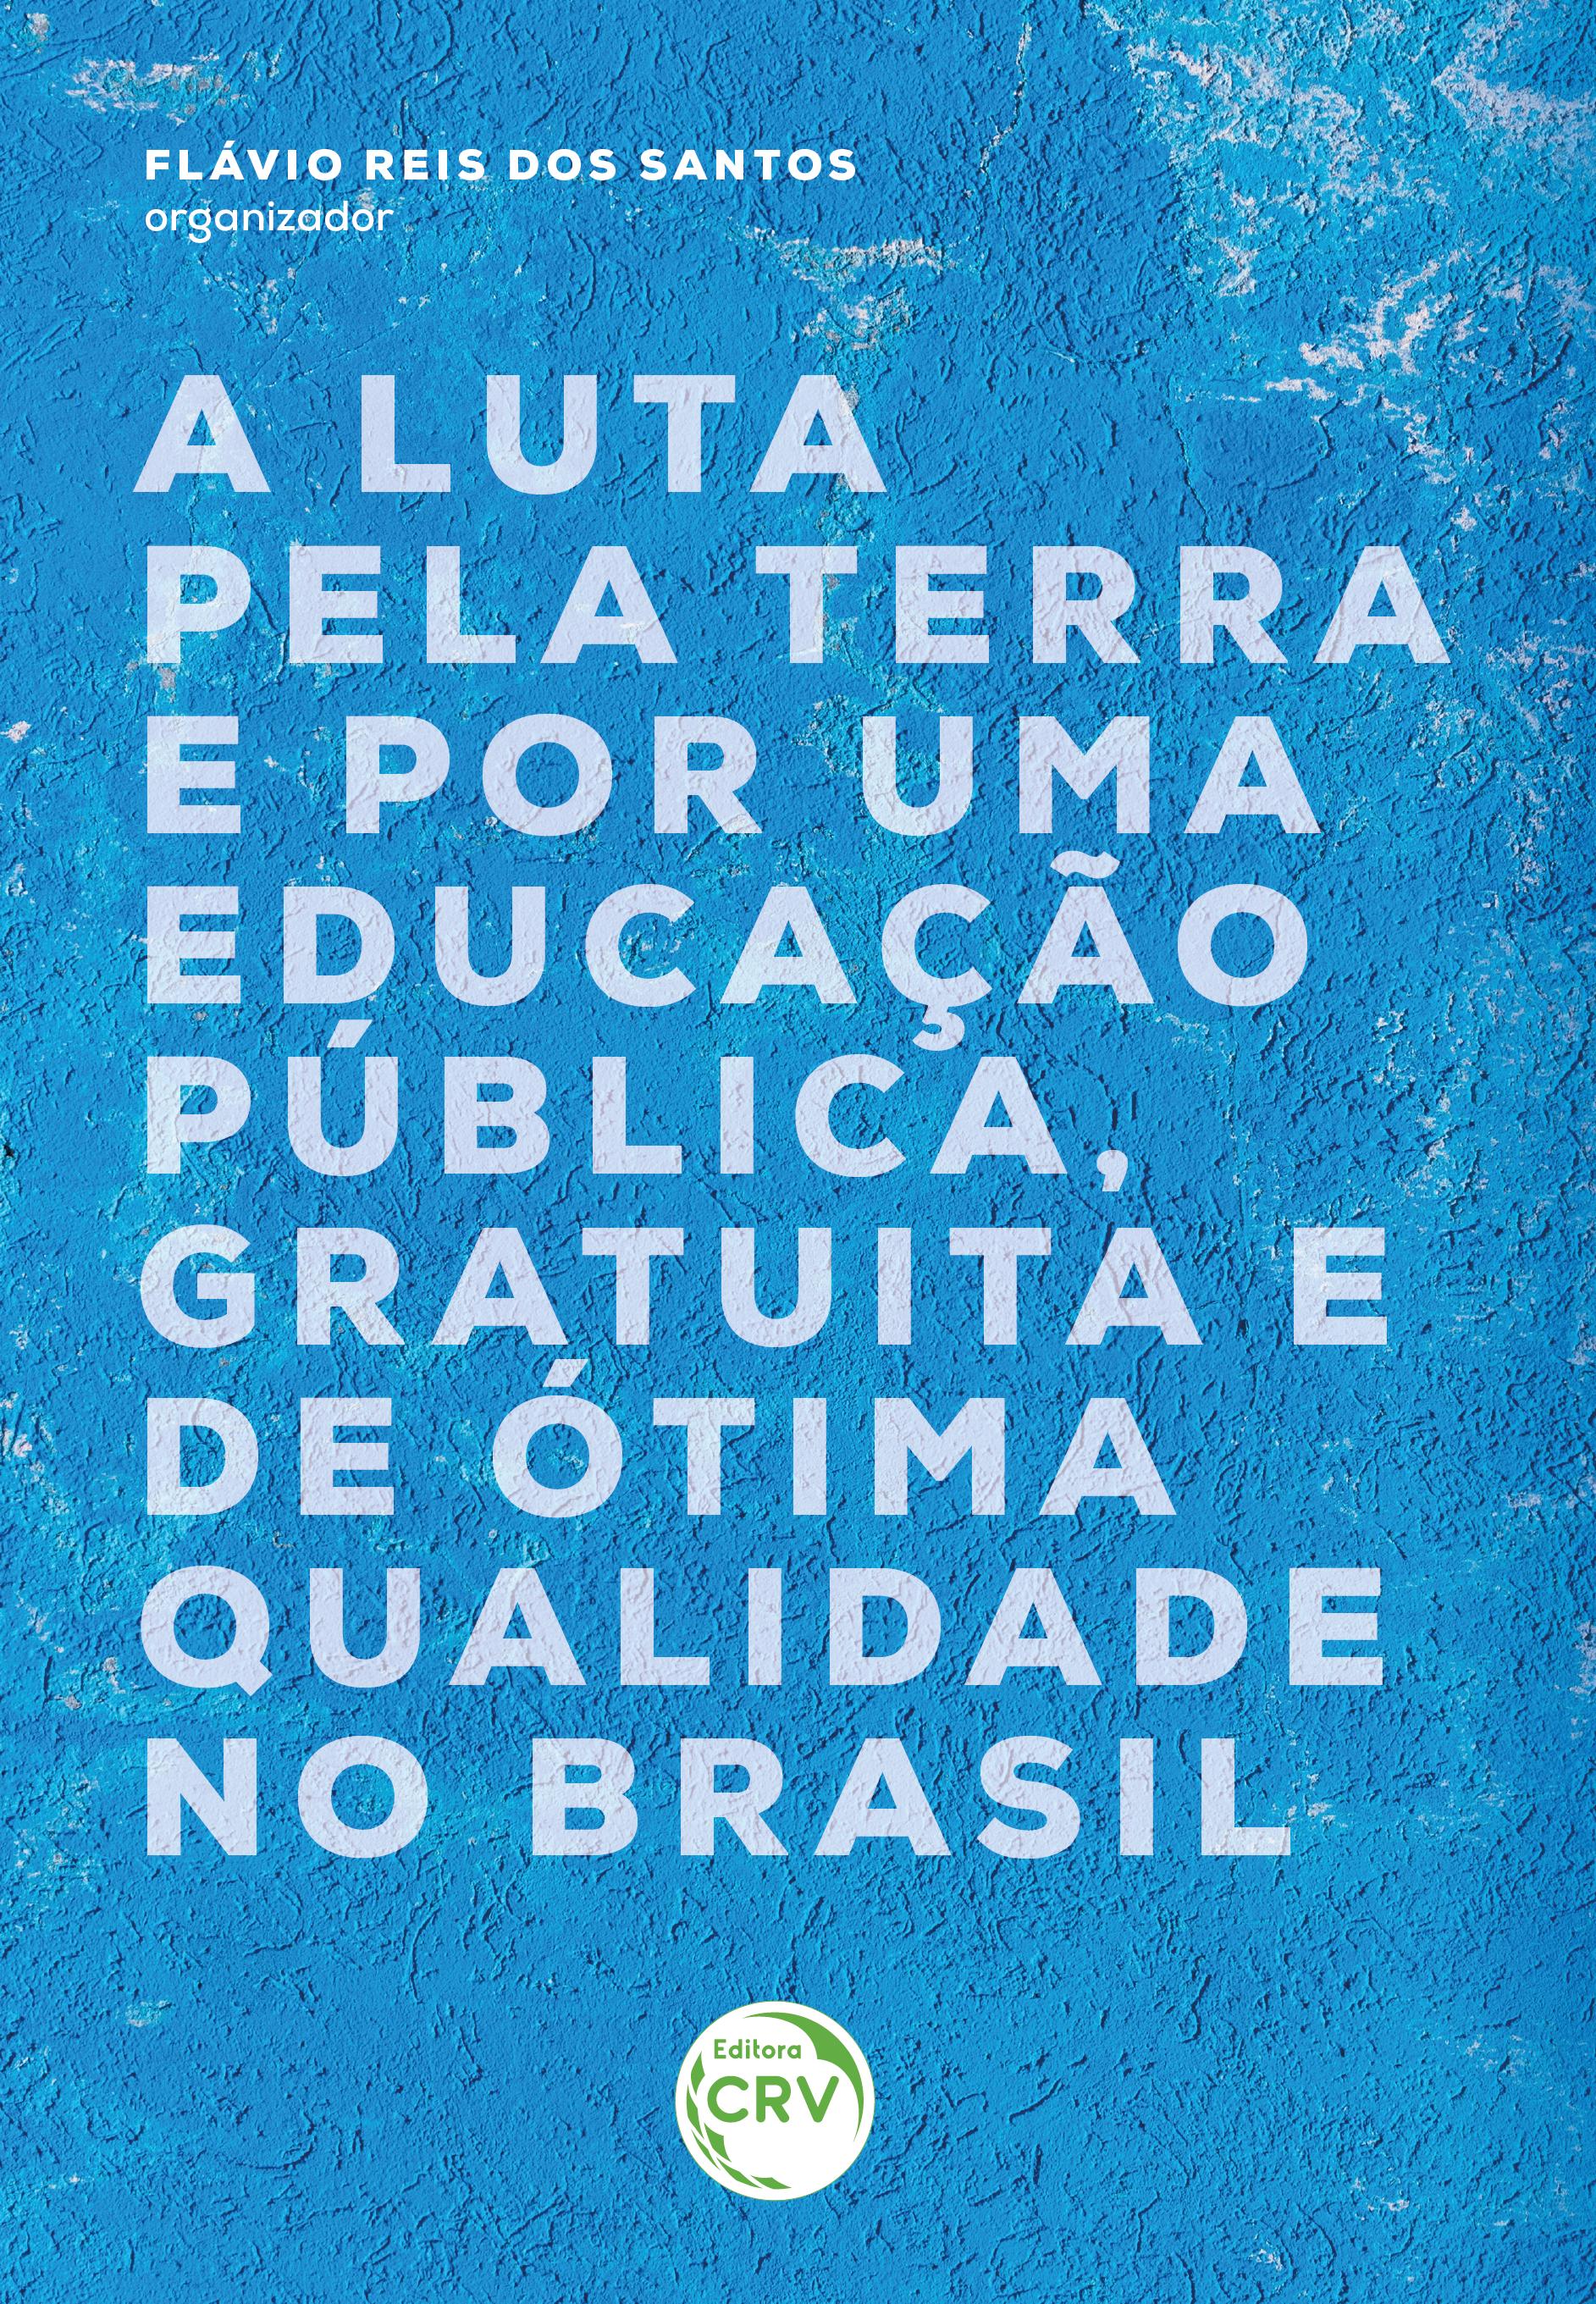 Capa do livro: A LUTA PELA TERRA E POR UMA EDUCAÇÃO PÚBLICA, GRATUITA E DE ÓTIMA QUALIDADE NO BRASIL